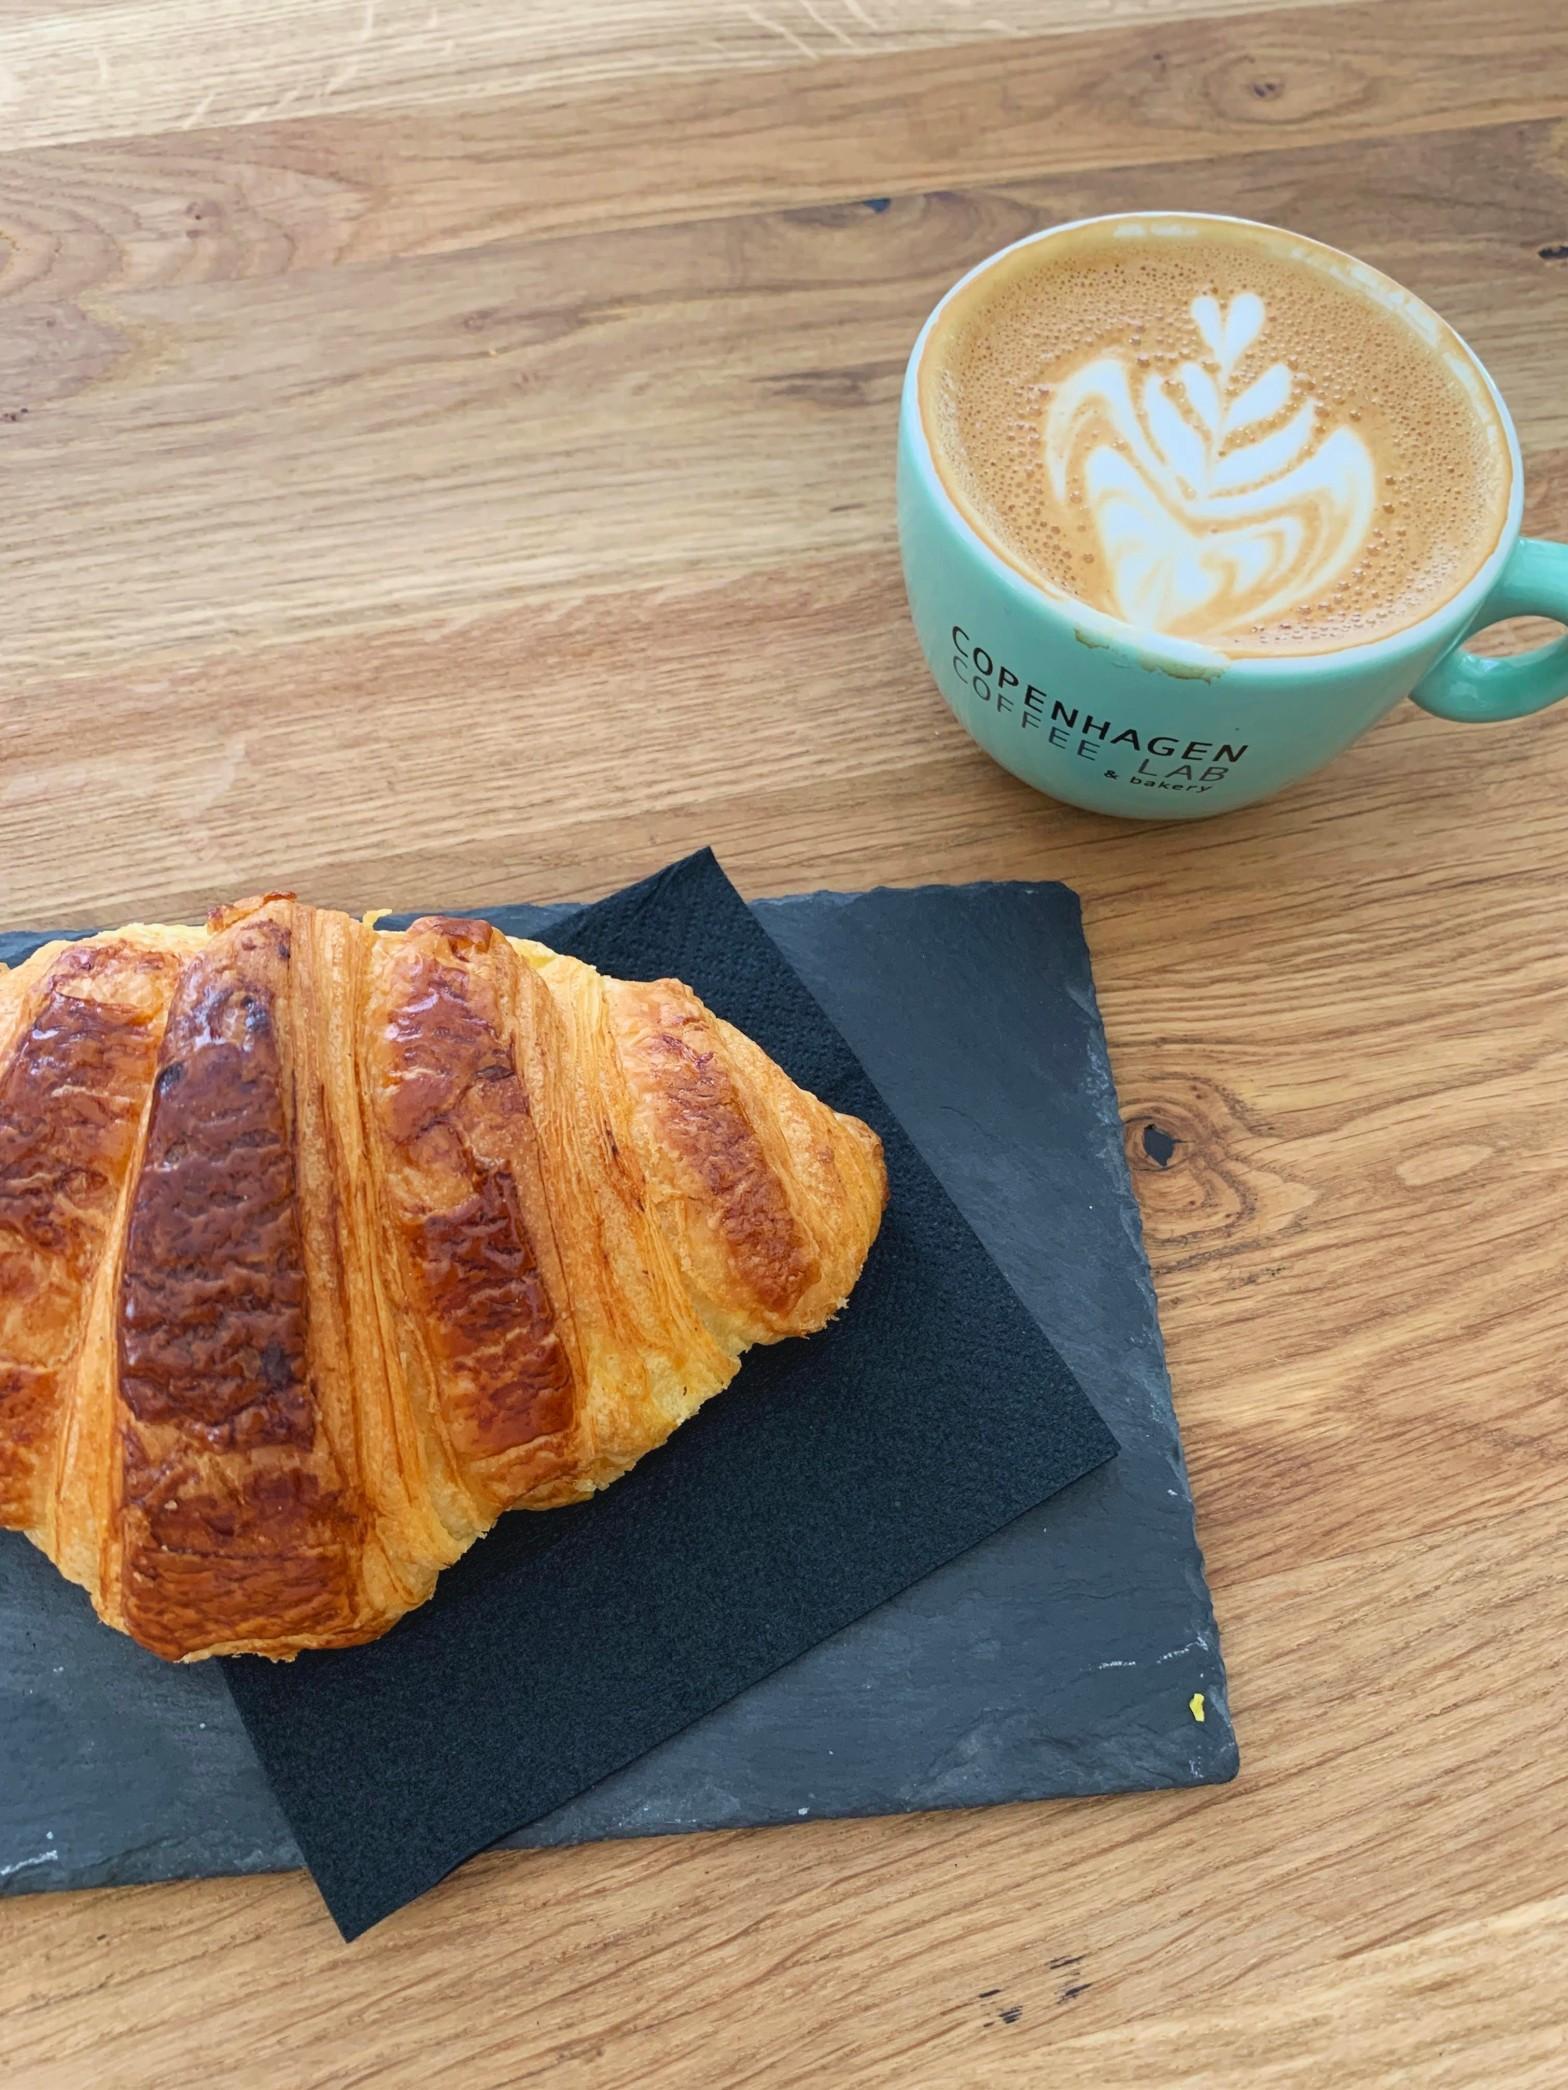 latte next to a croissant